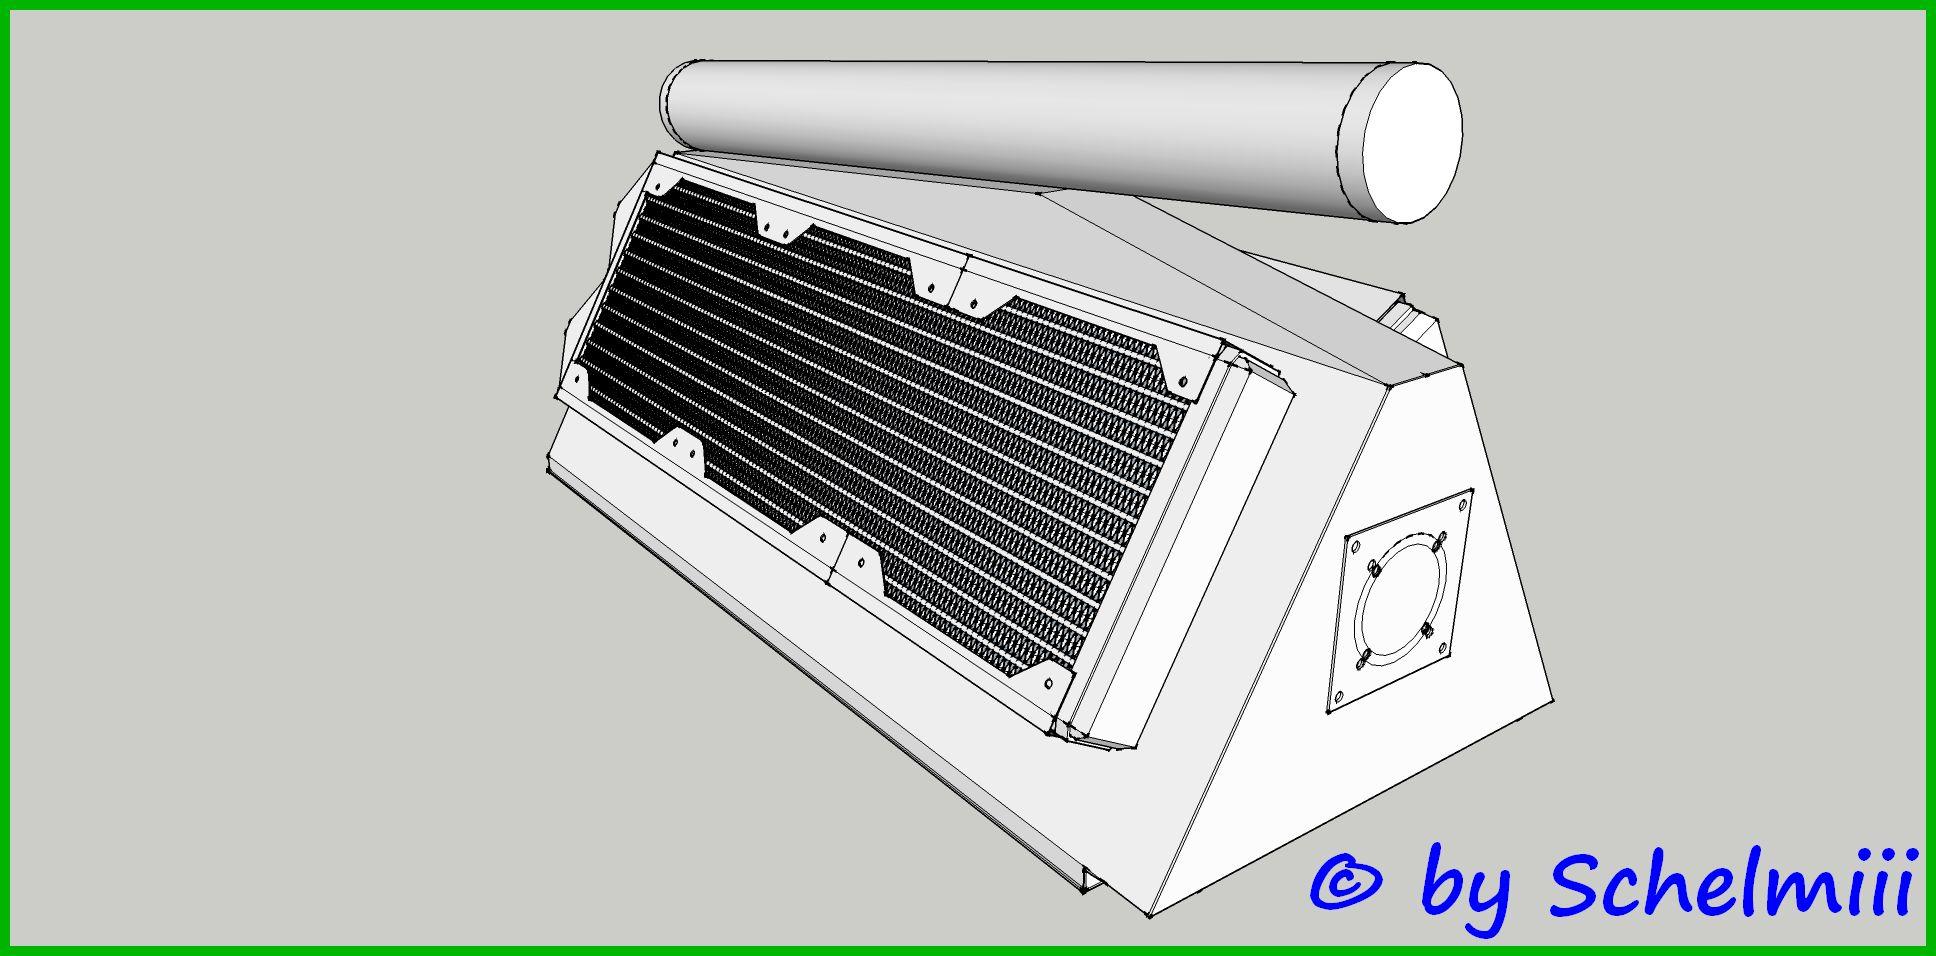 Klicken Sie auf die Grafik für eine größere Ansicht  Name:Dachversion3mit Lüfter+Radi+Filter+AGB4_(ARC.Mod.bySchelmiii).jpg Hits:3146 Größe:200,8 KB ID:432298